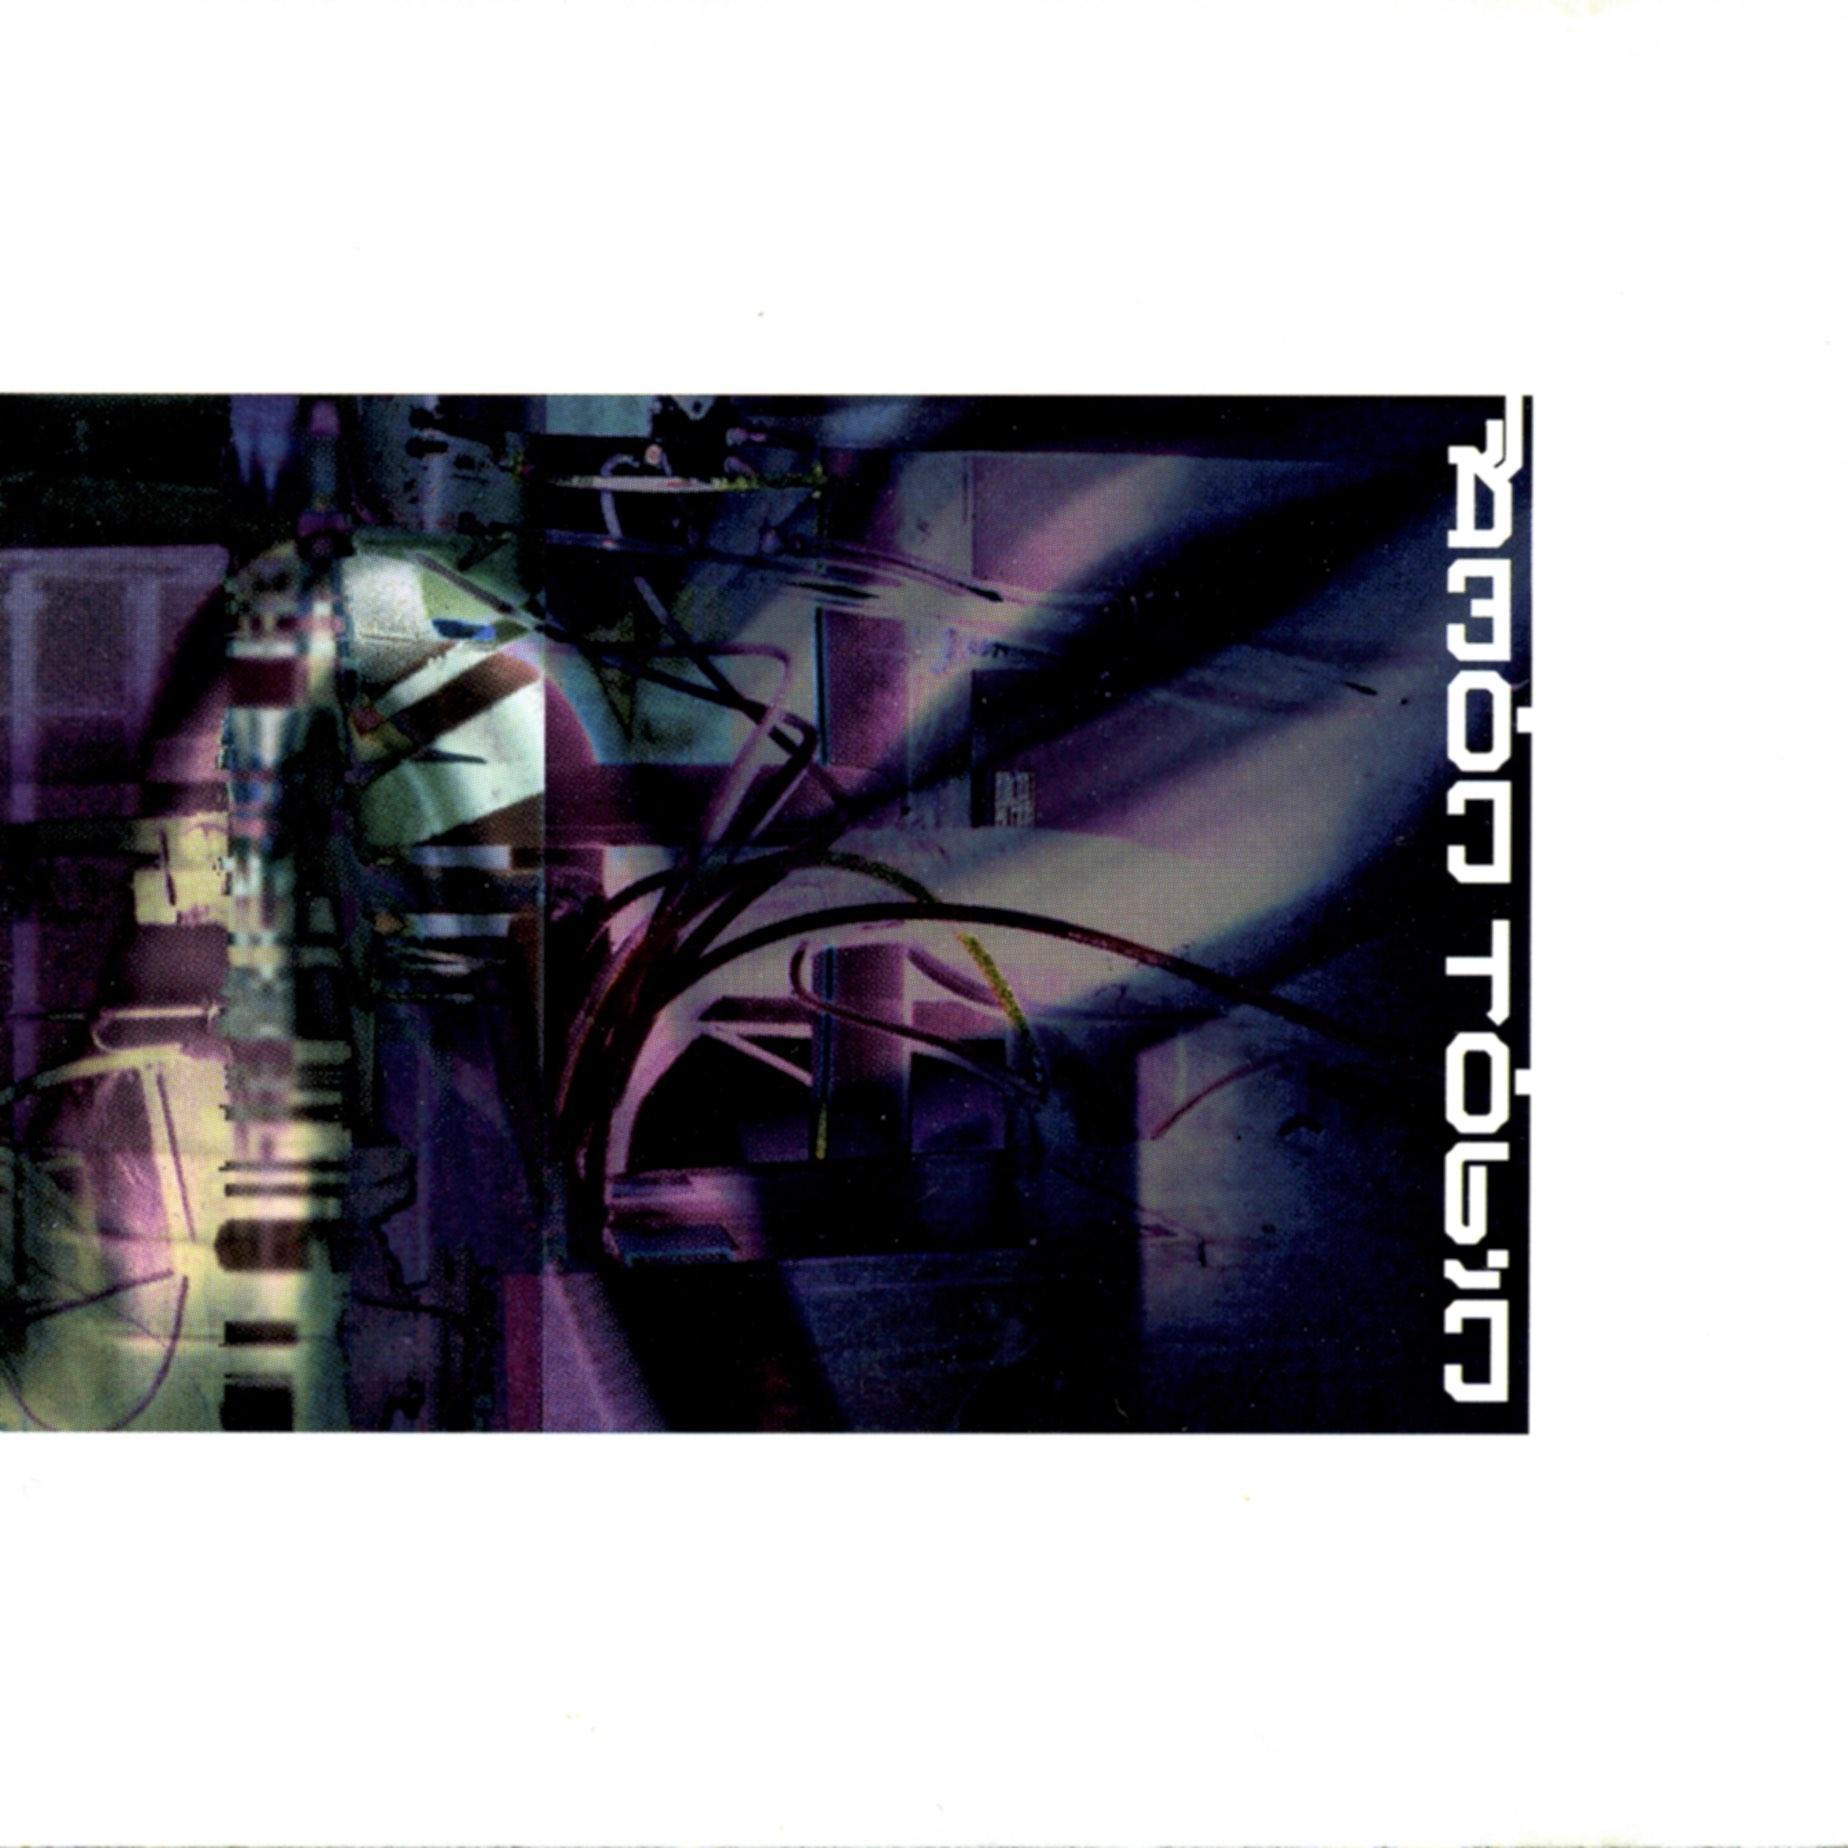 1998 - Amon Tobin